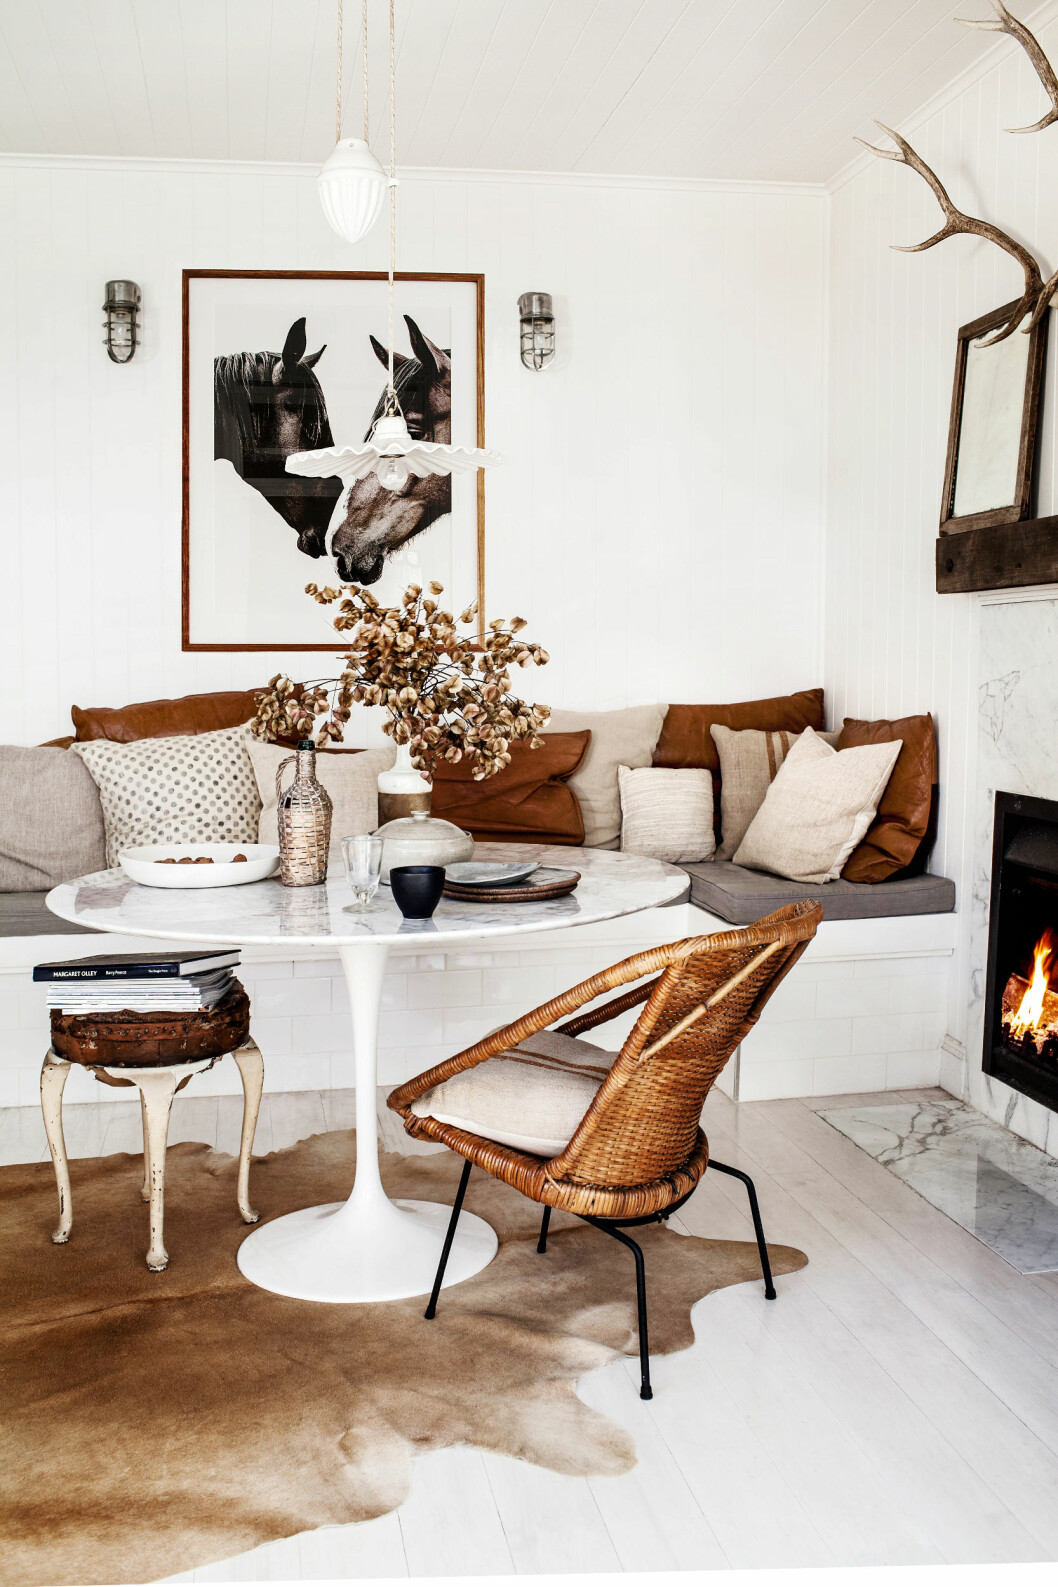 ENKEL FARGEPALETT: I spisestuen finnes en plassbygget sofabenk fylt med gamle lin- og skinnputer. En samling lp-plater, vintagestol og krakk, er i samme fargetoner som Karas eget fantastiske hestebilde. Jeg elsker Foto: Kara Rosenlund